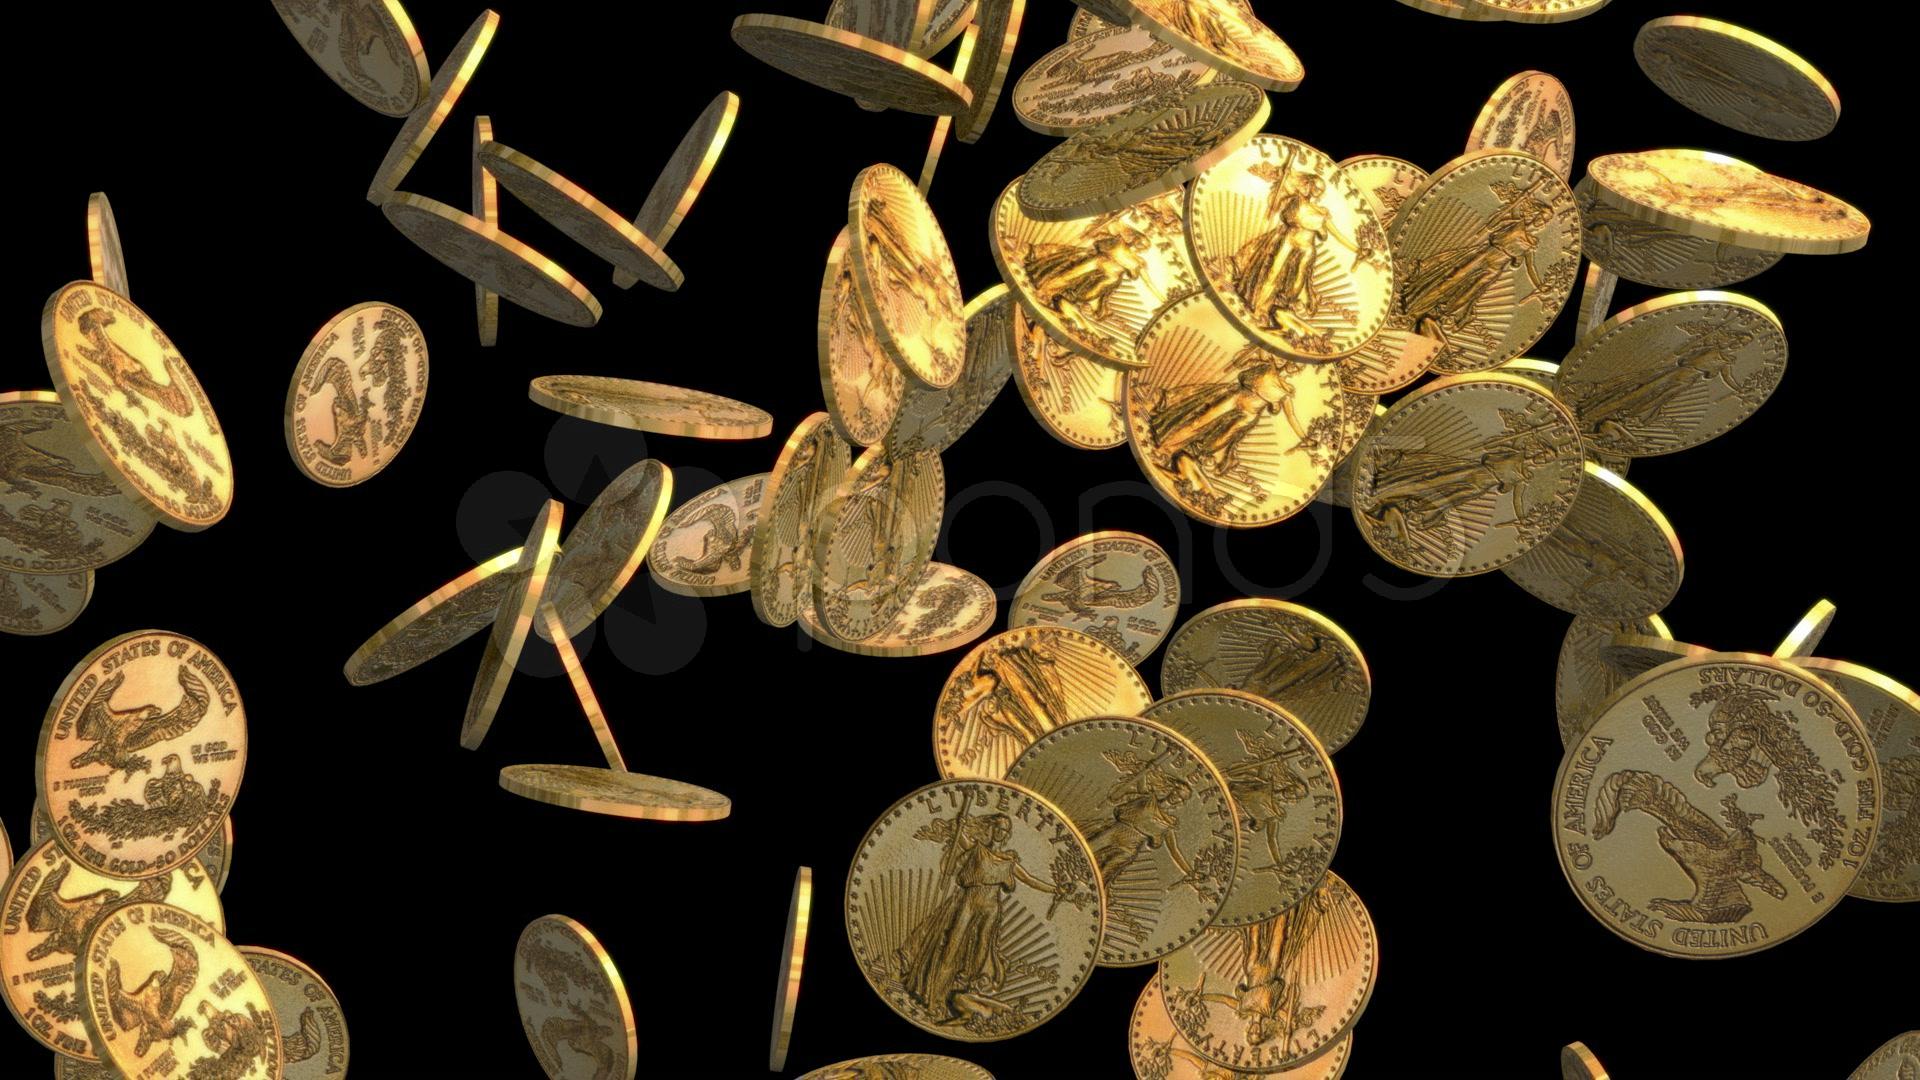 Падающие монеты на чёрном фоне, отражающие актуальные котировки